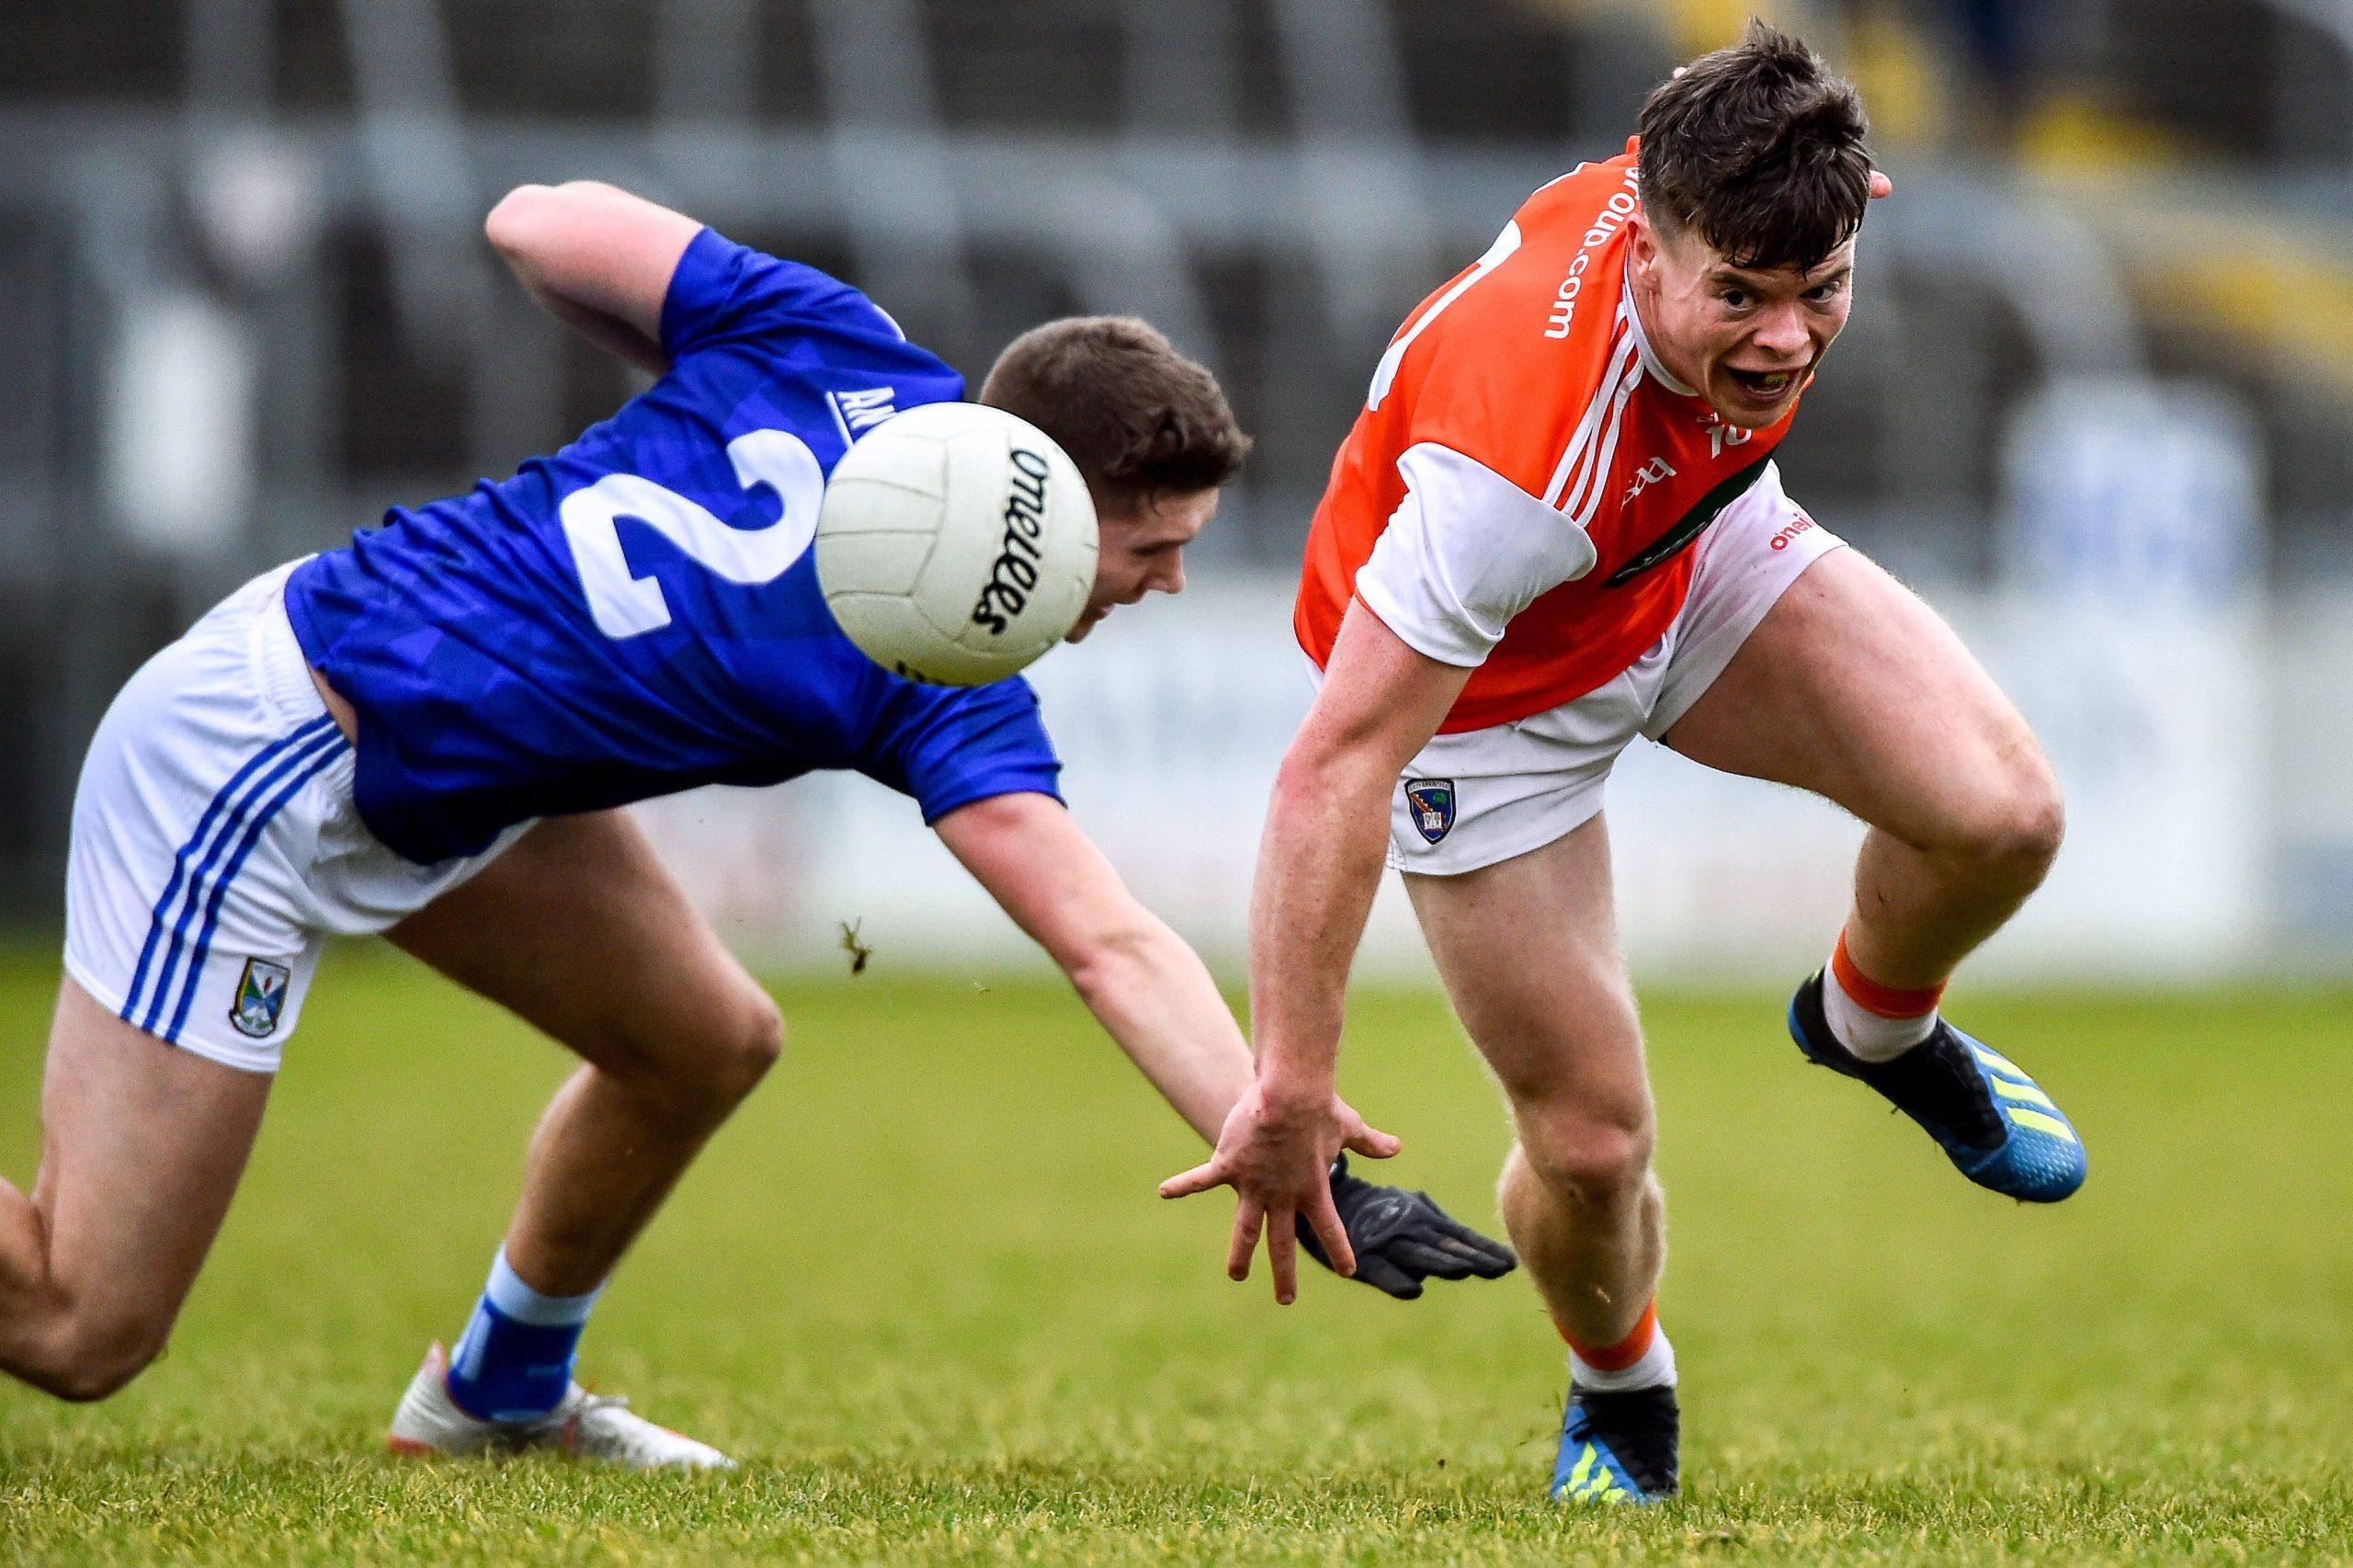 2020 Bank of Ireland Dr McKenna Cup gets underway